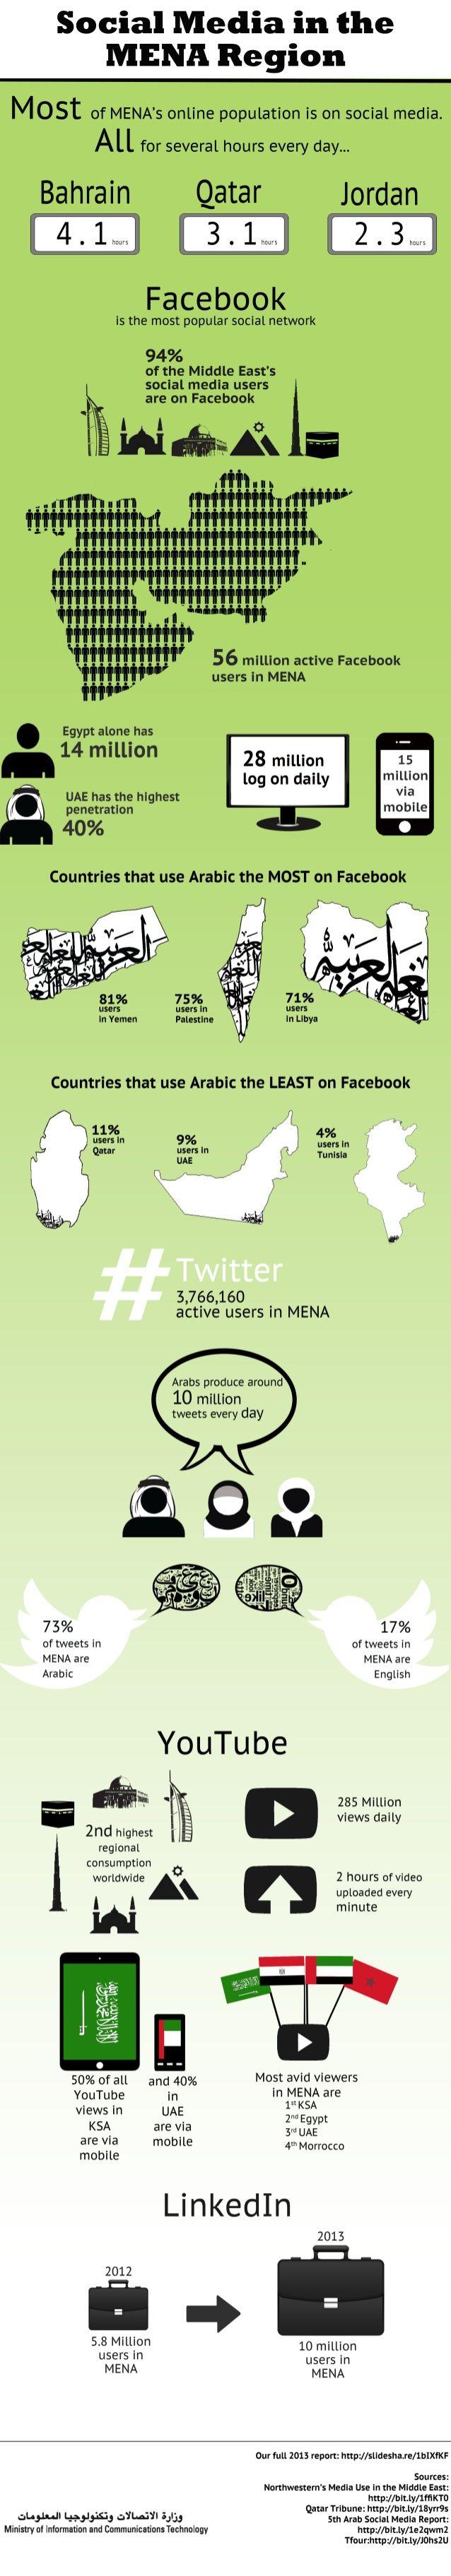 Social Media in the MENA region {iCTQatar}